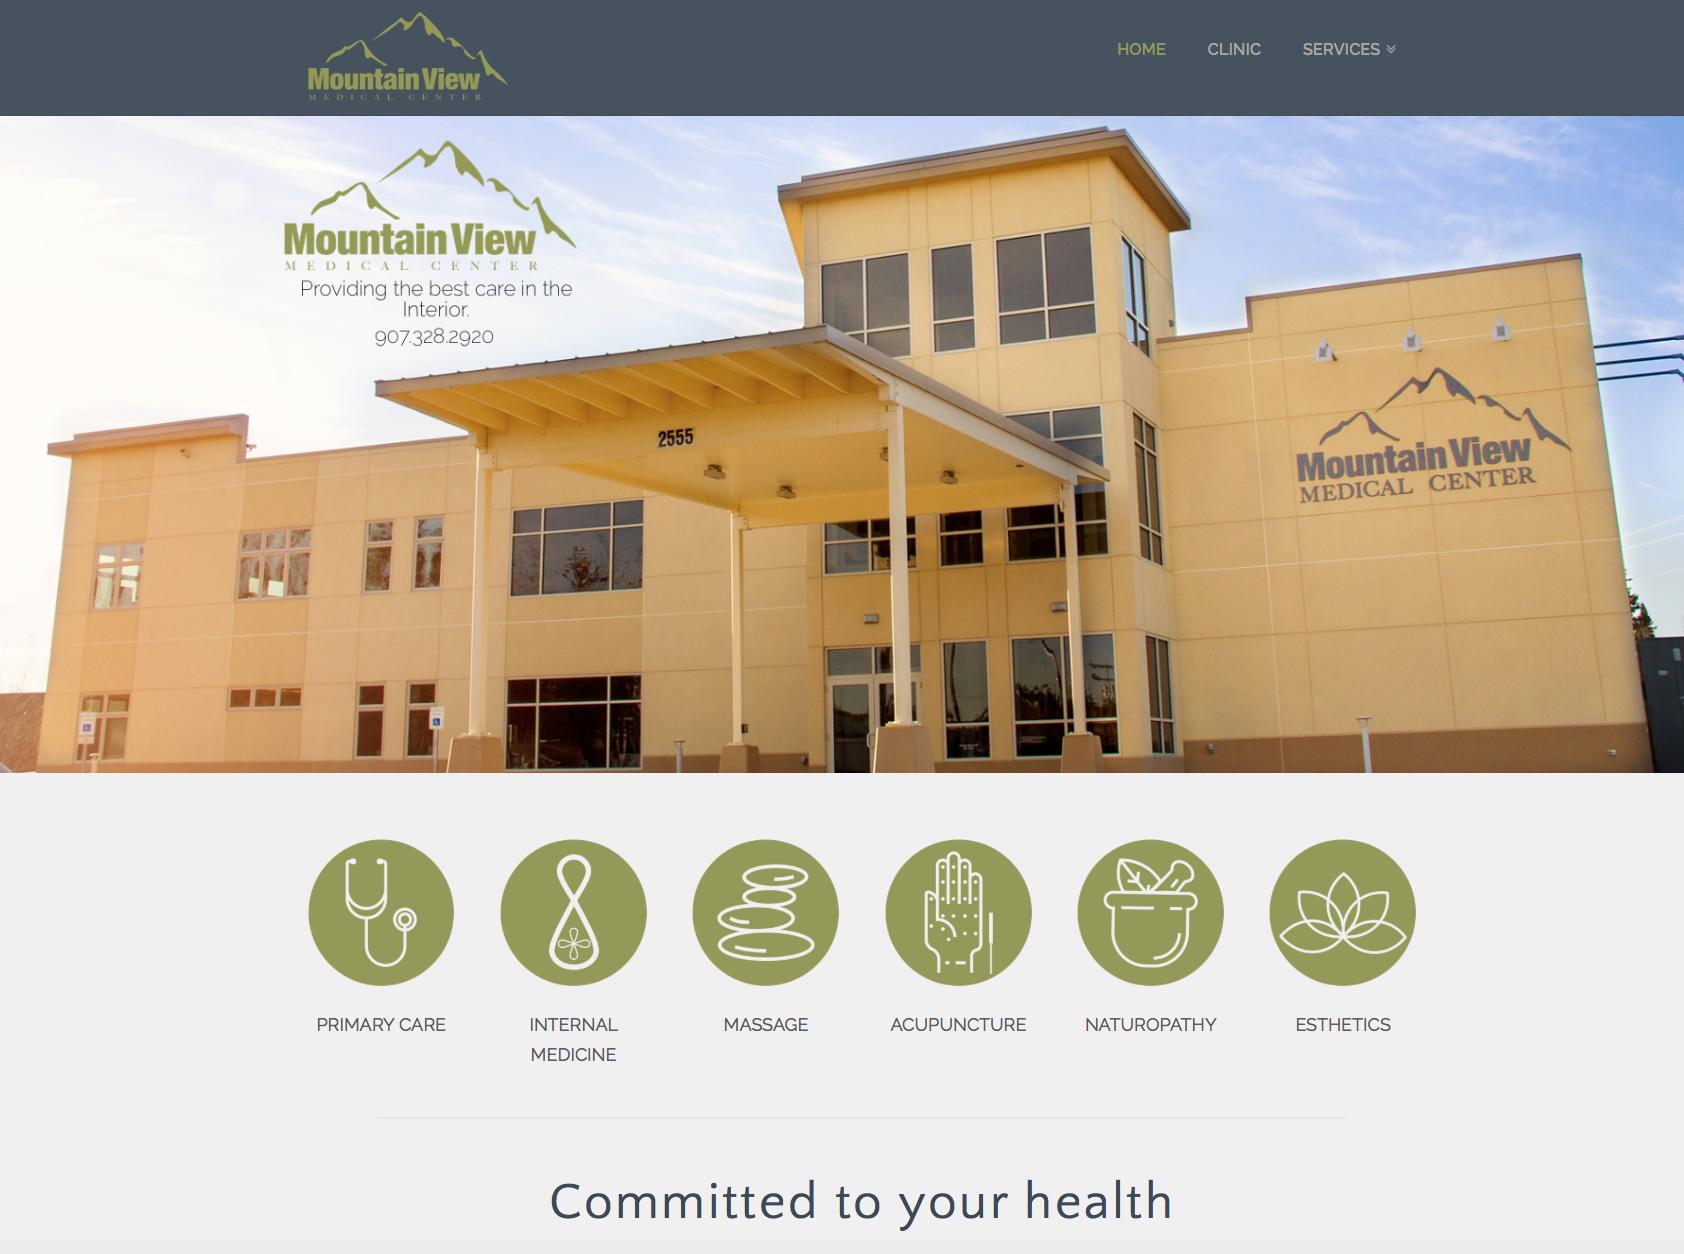 Mountain View Medical Center